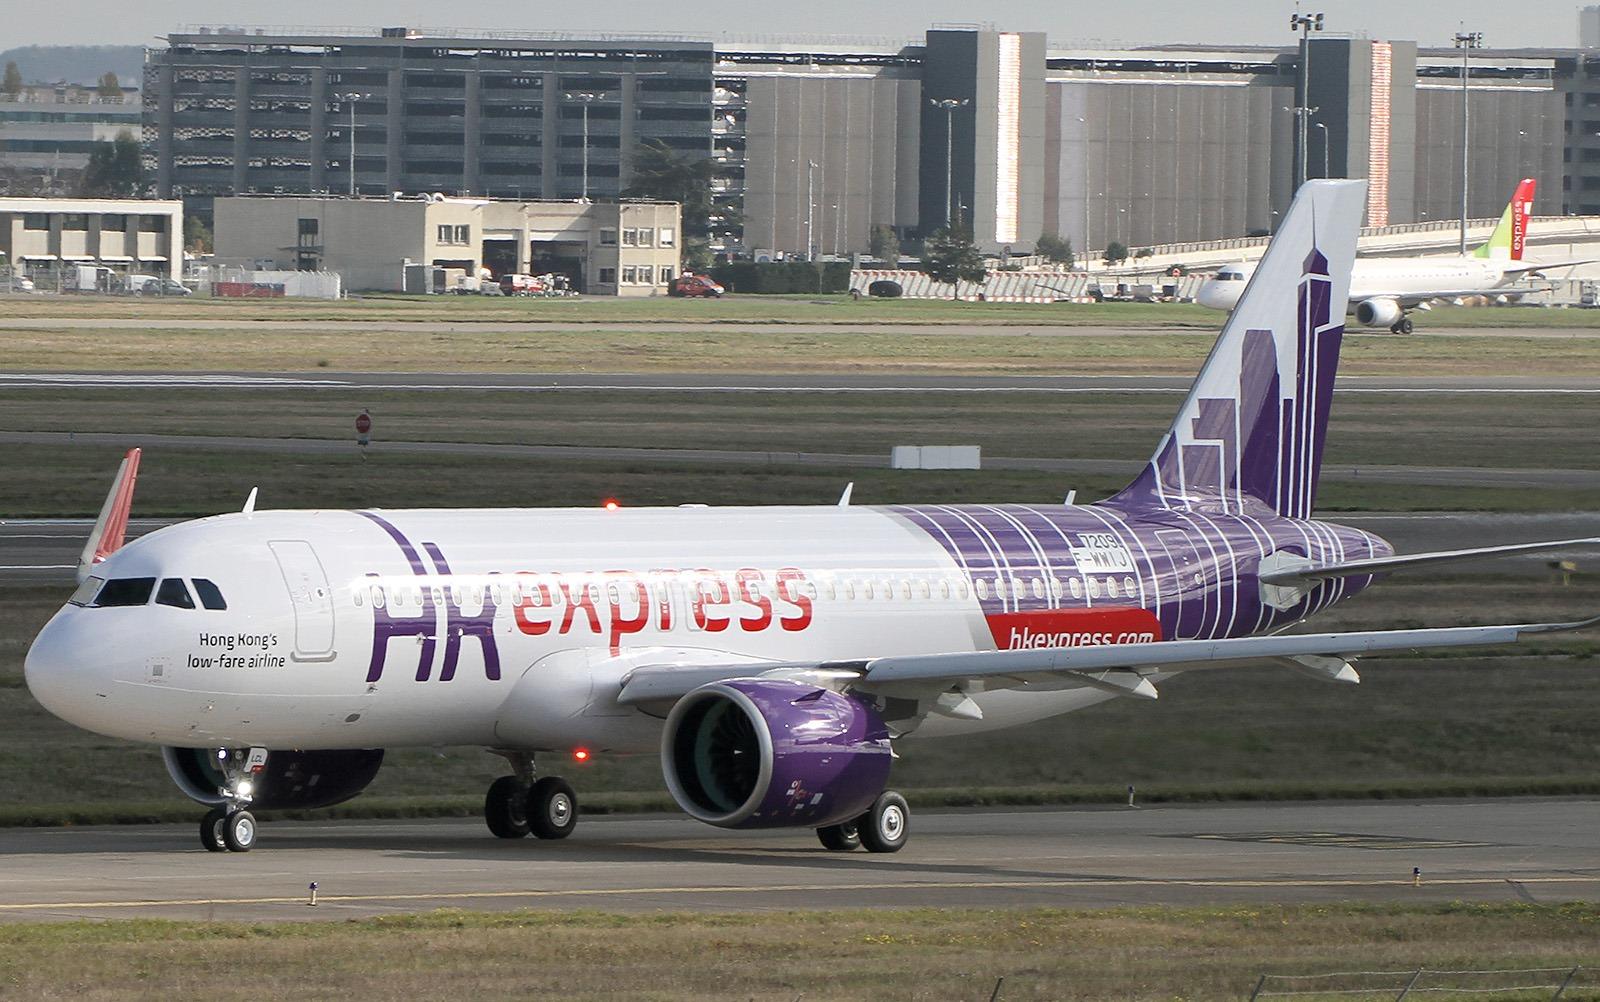 Norwegians første Airbus A320neo er leaset til HK Express. (Foto: Yannick Delamarre)